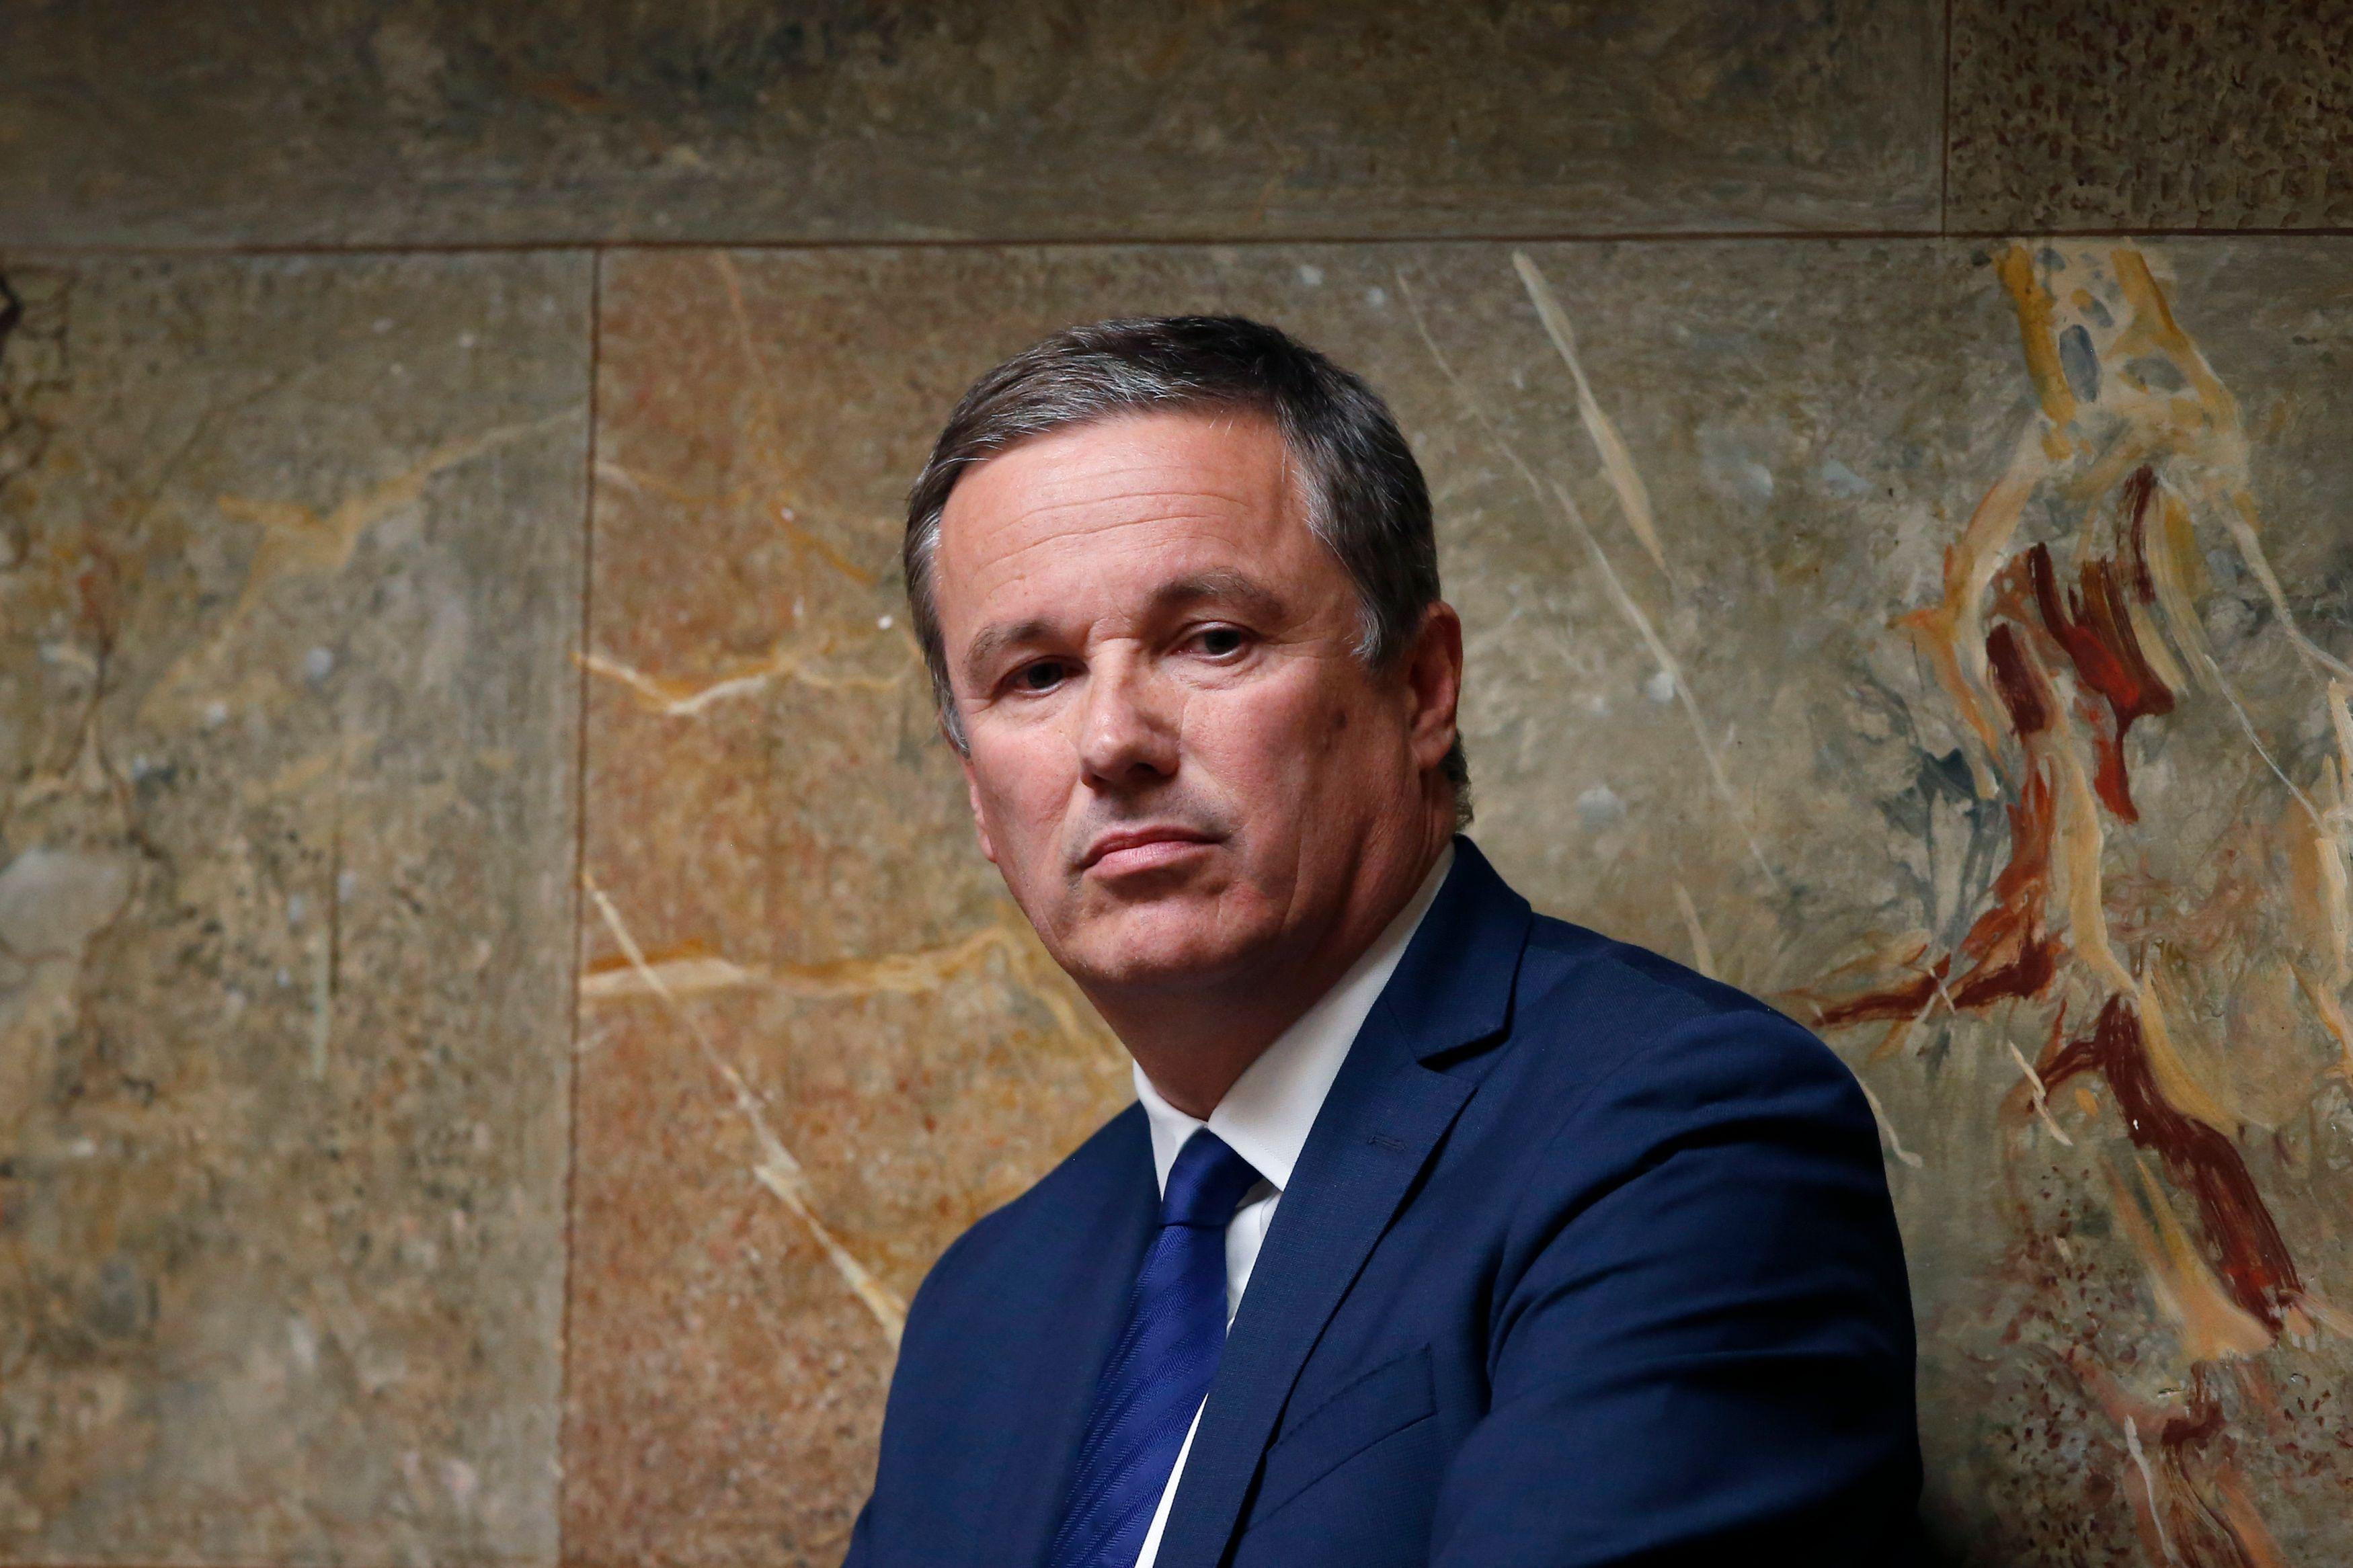 L'année des outsiders : à quoi ressemblerait un duel Macron/ Dupont-Aignan ?